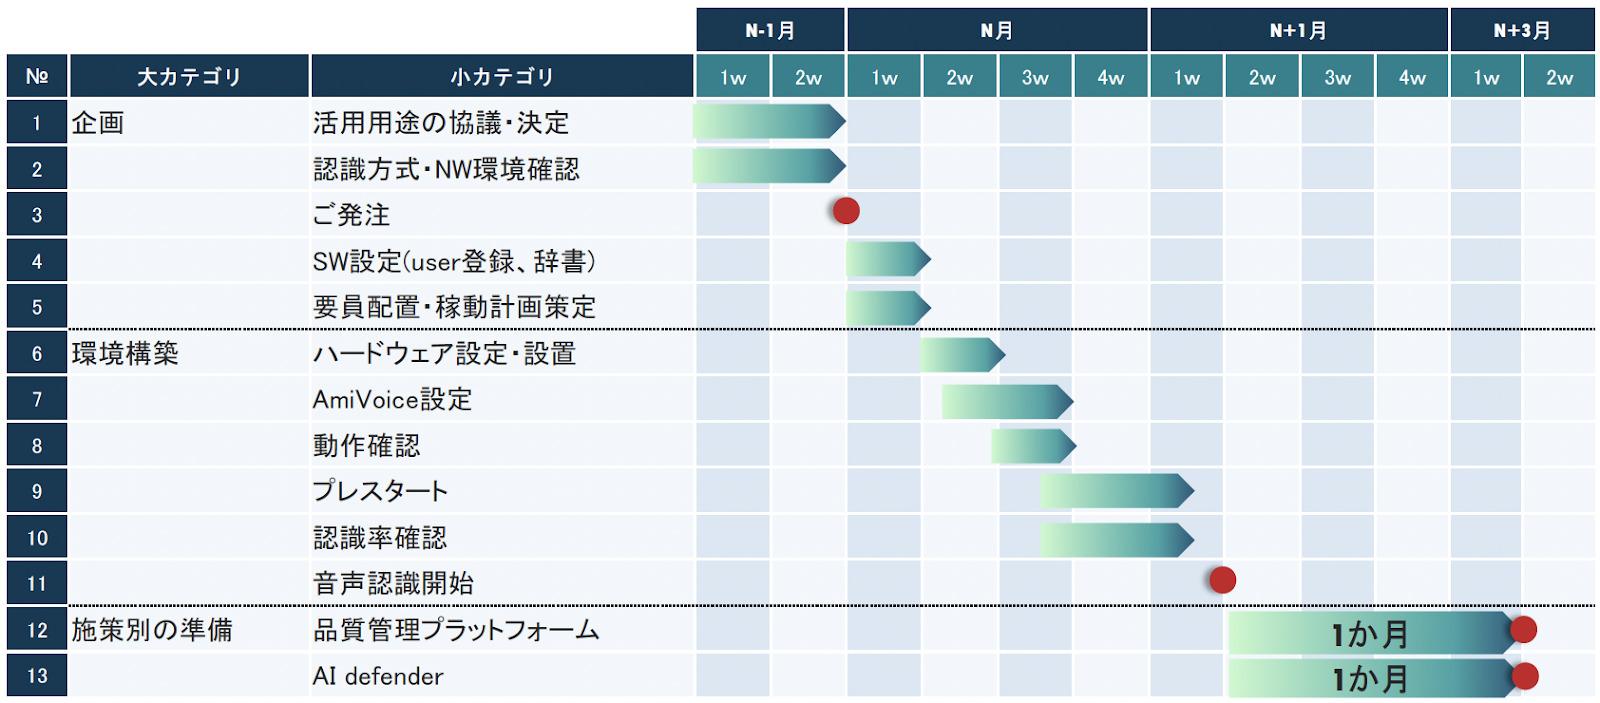 コンタクトセンターへの音声認識導入のスケジュールイメージ